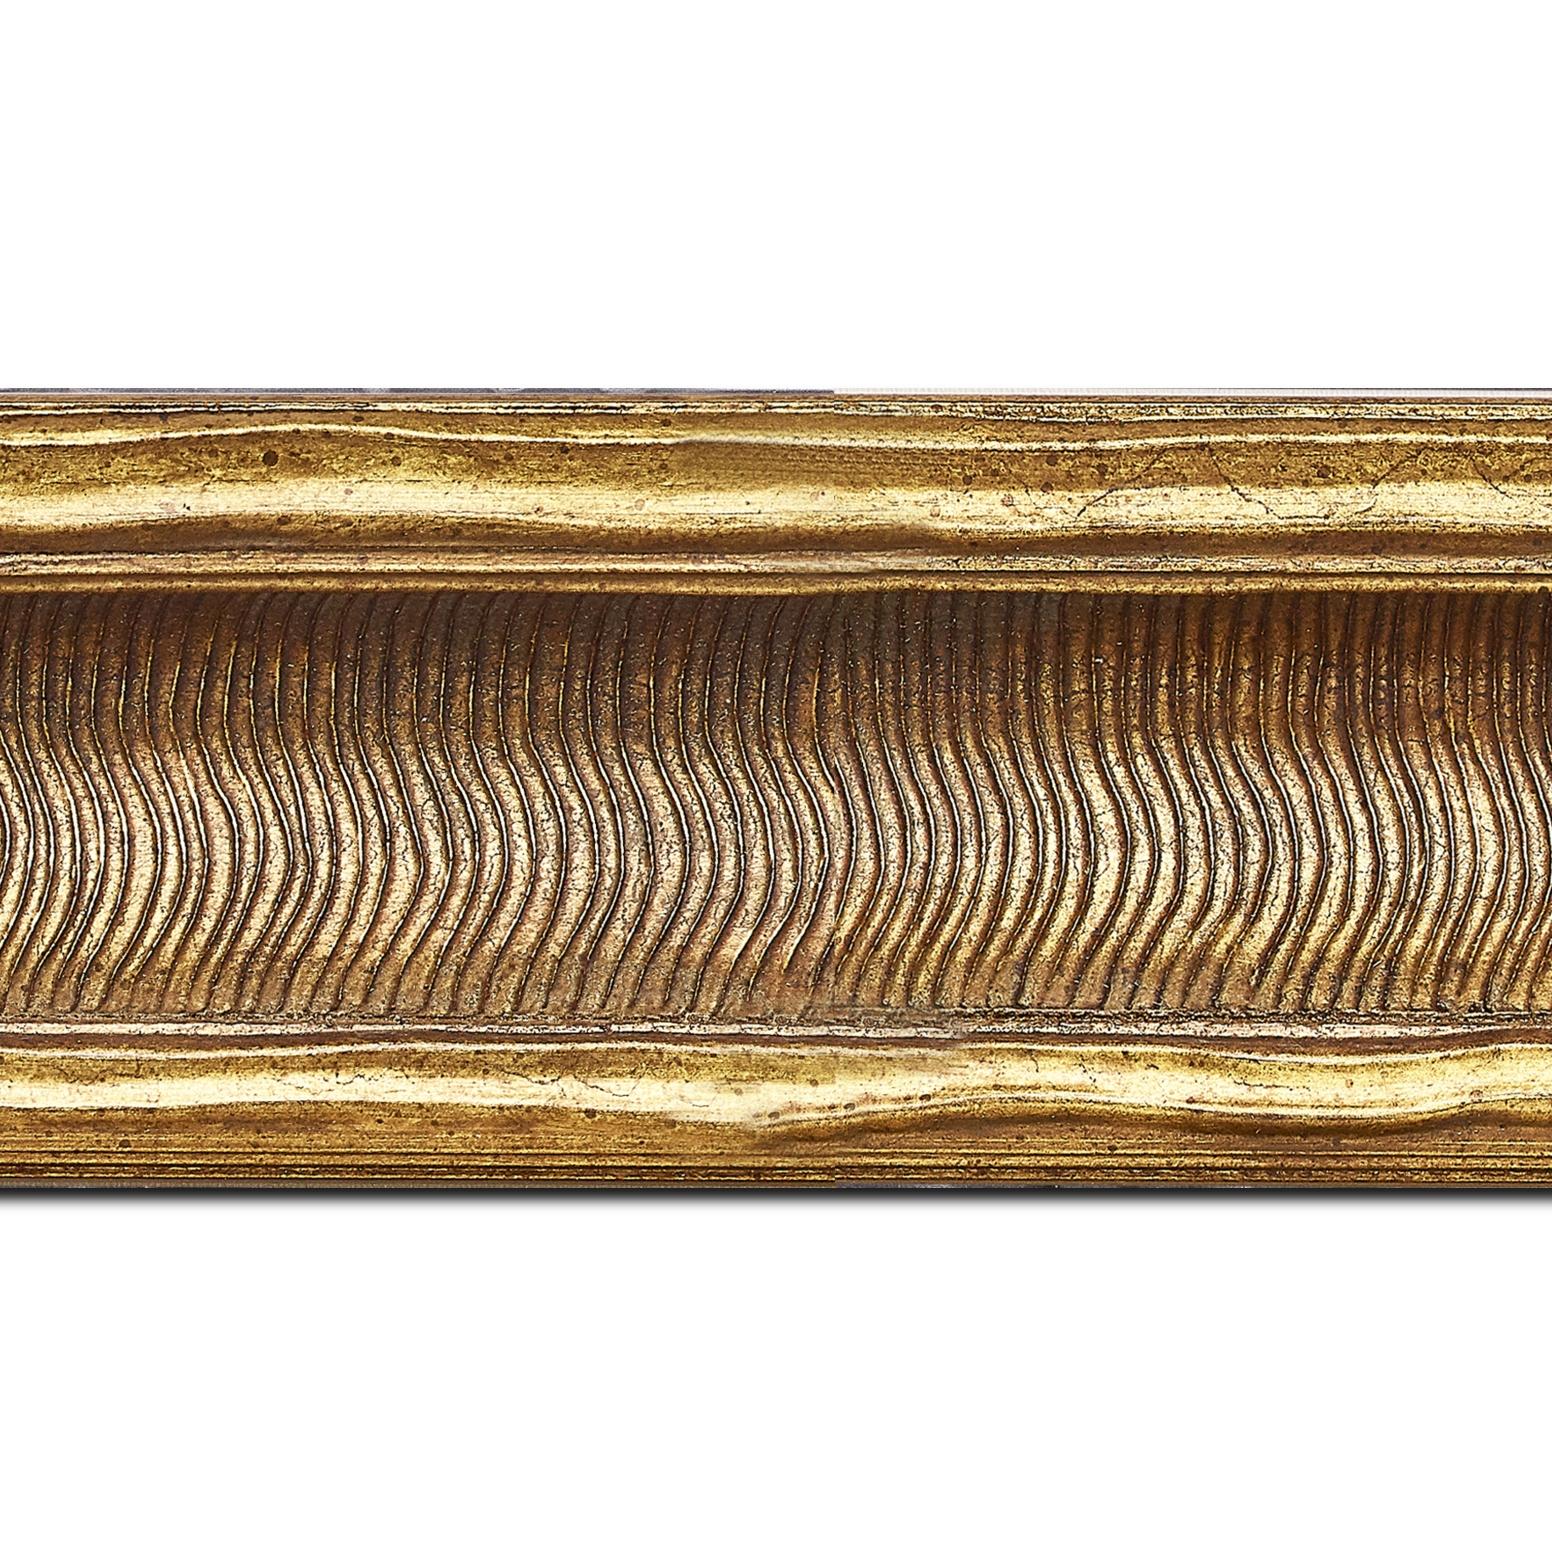 Pack par 12m, bois profil incurvé largeur 8.5cm or antique (longueur baguette pouvant varier entre 2.40m et 3m selon arrivage des bois)